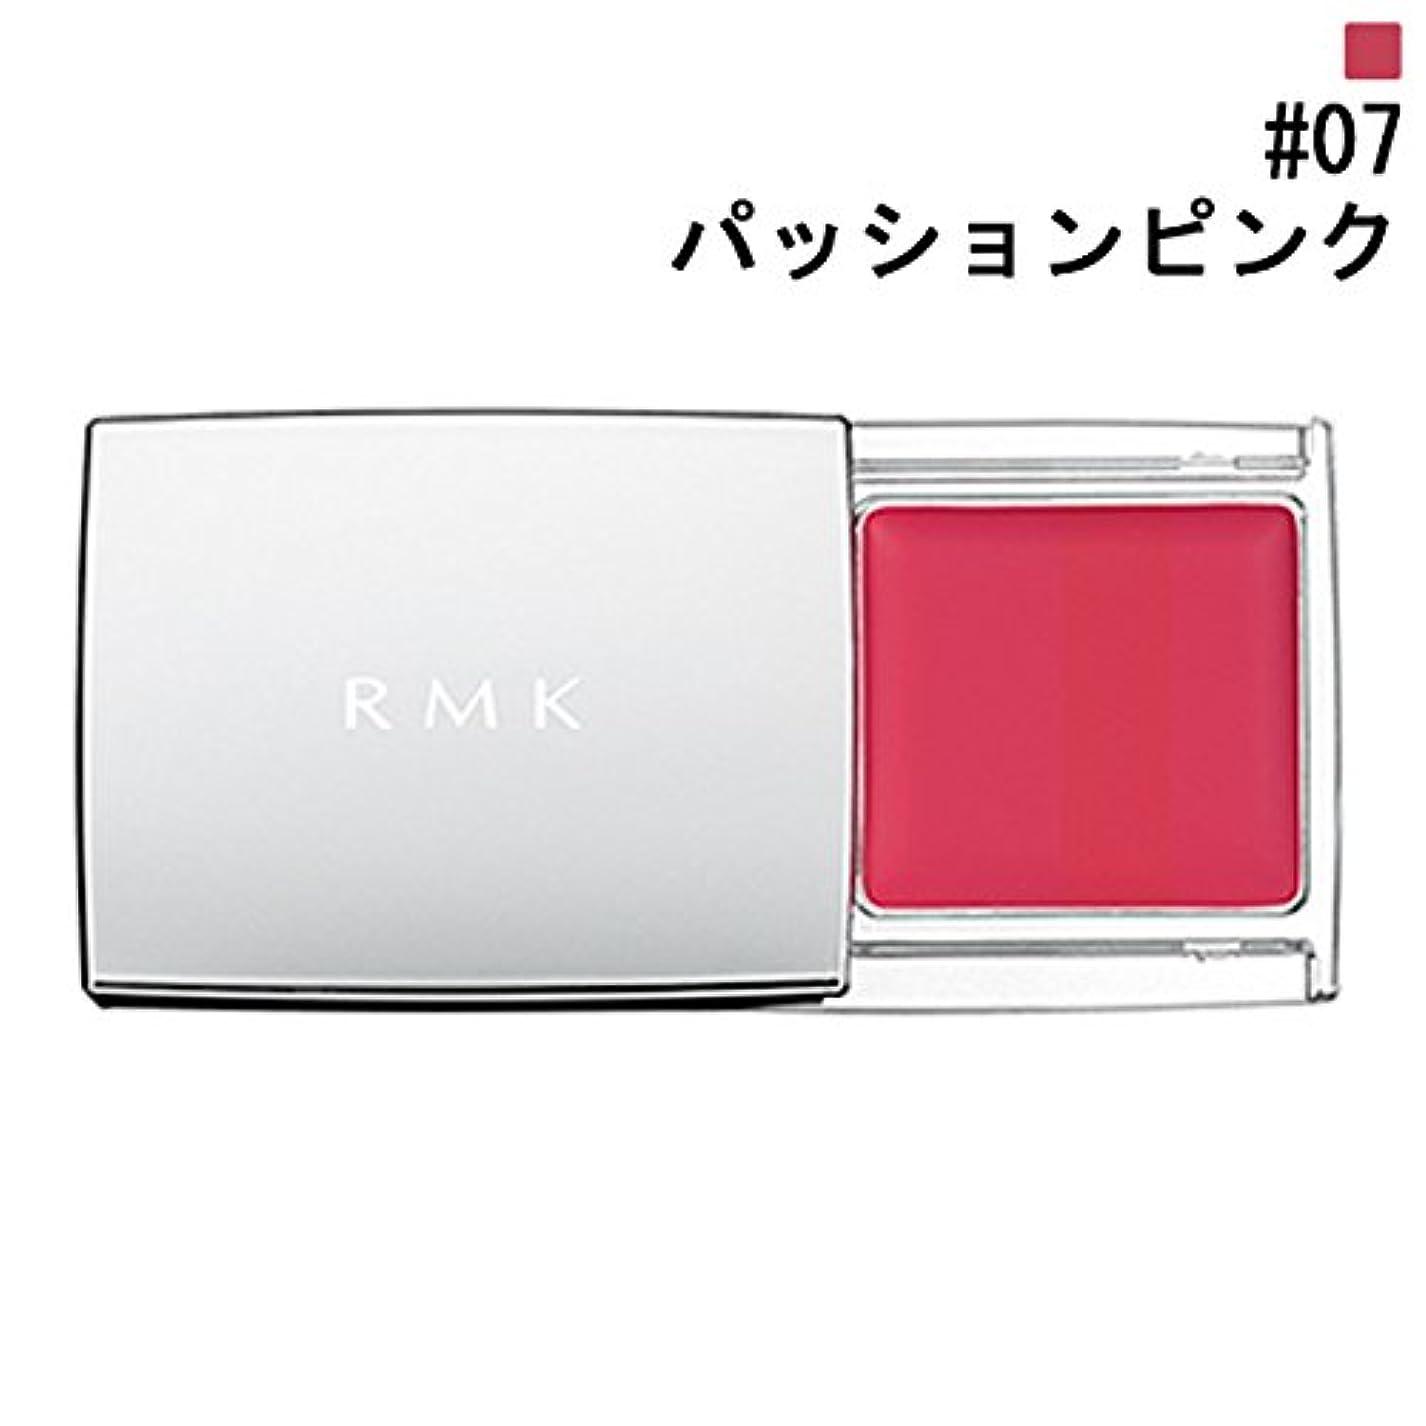 有毒な摩擦発生器【RMK (ルミコ)】RMK マルチペイントカラーズ #07 パッションピンク 1.5g